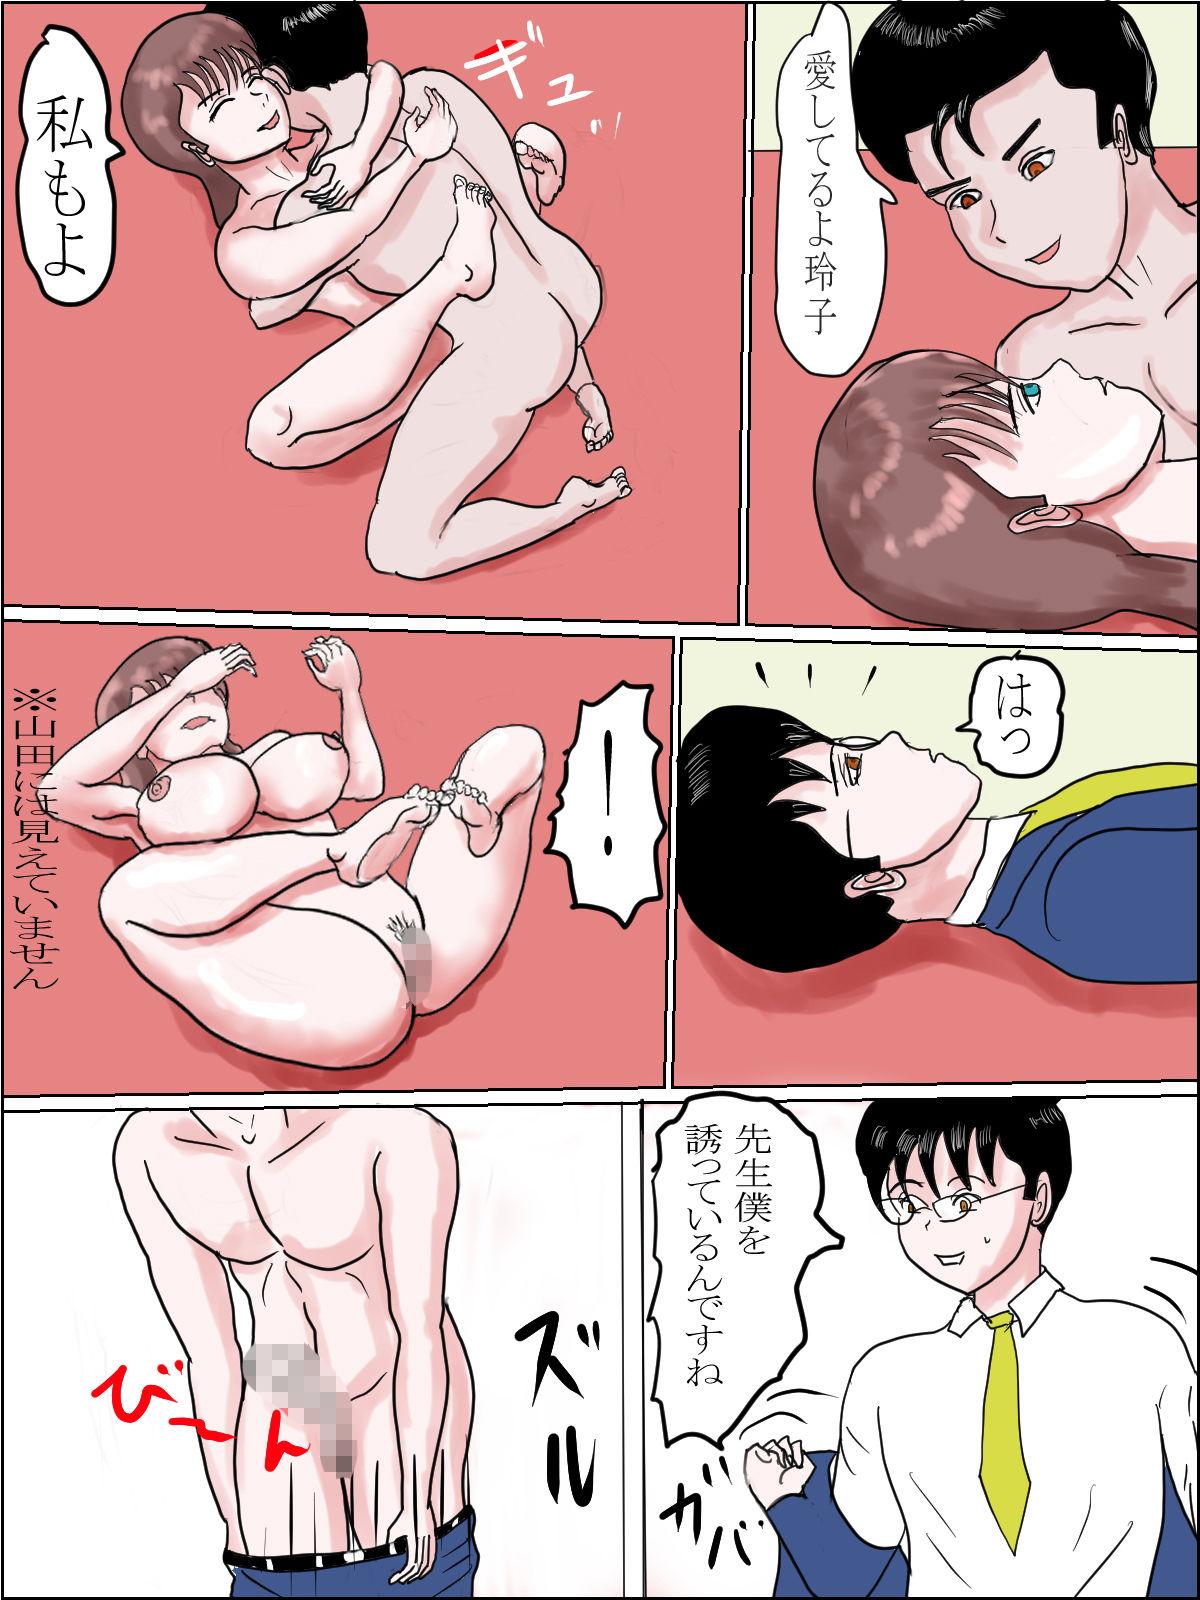 サンプル画像5:霊能者 河合玲子の受難(happy moment) [d_196749]